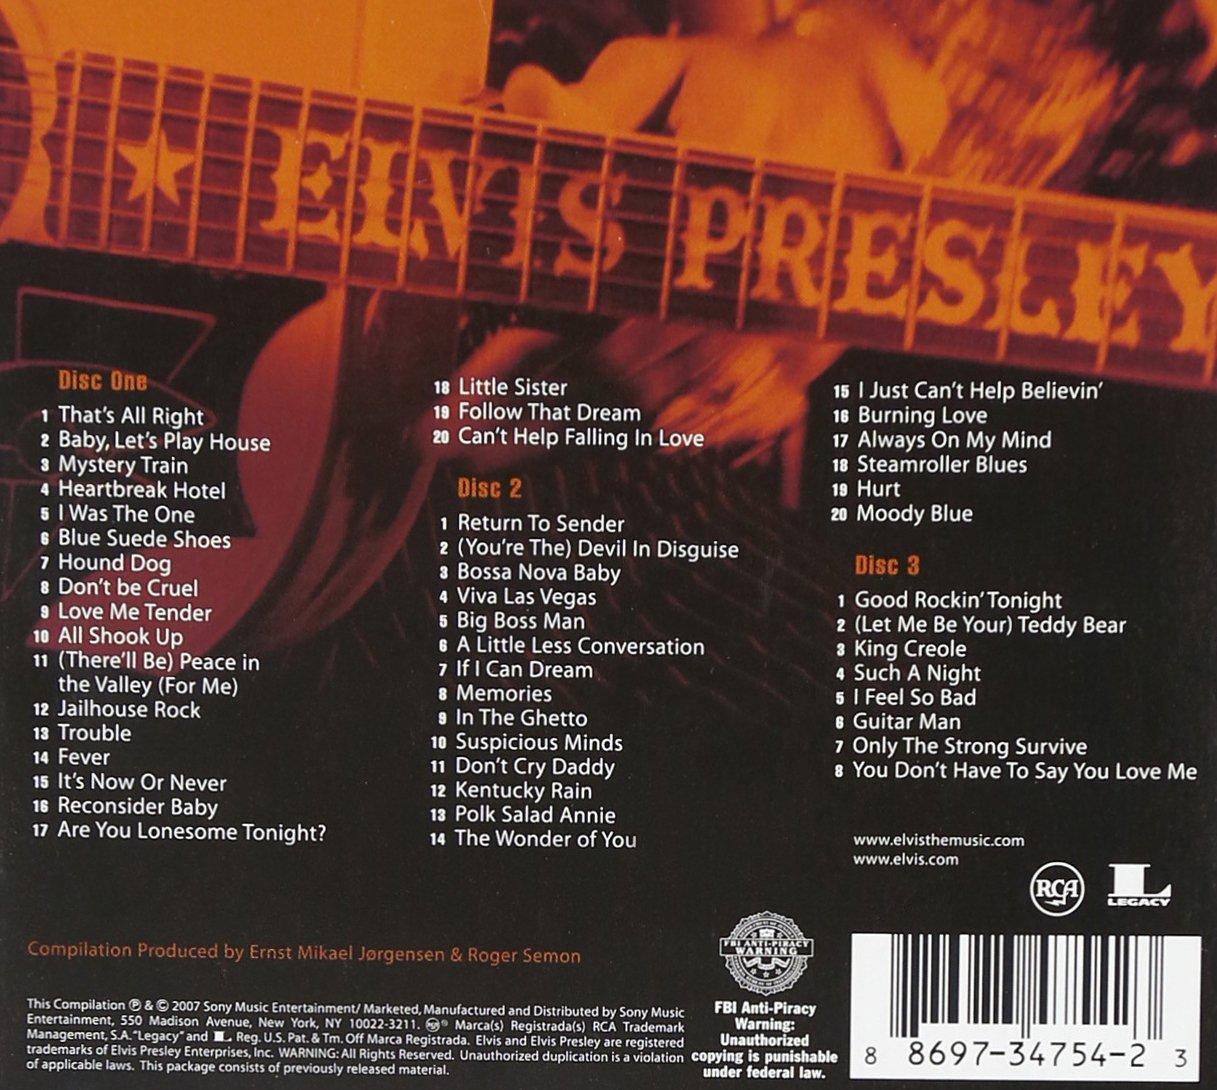 The Essential Elvis Presley 3 0